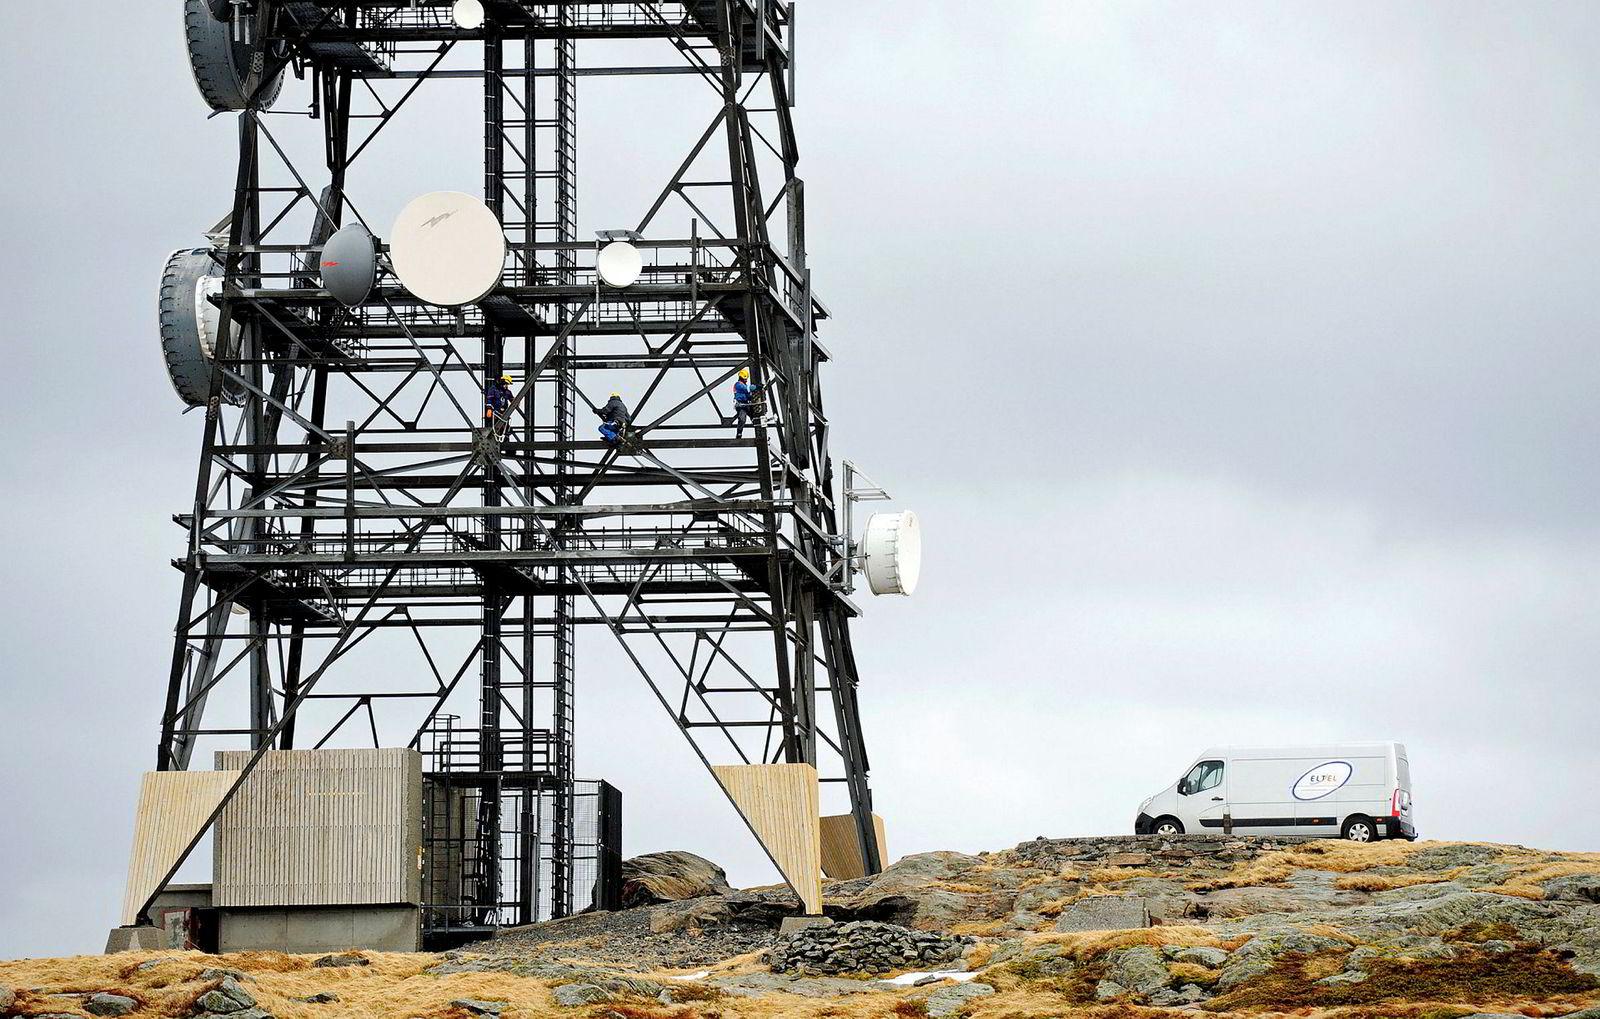 Telenor og Telia har valgt basestasjoner fra Huawei i utbyggingen av 4G, mens Ice har inngått avtale med Nokia. Her en stor mast ved Rundemannen i Bergen hvor flere av mobilselskapene har hengt opp sine basestasjoner.